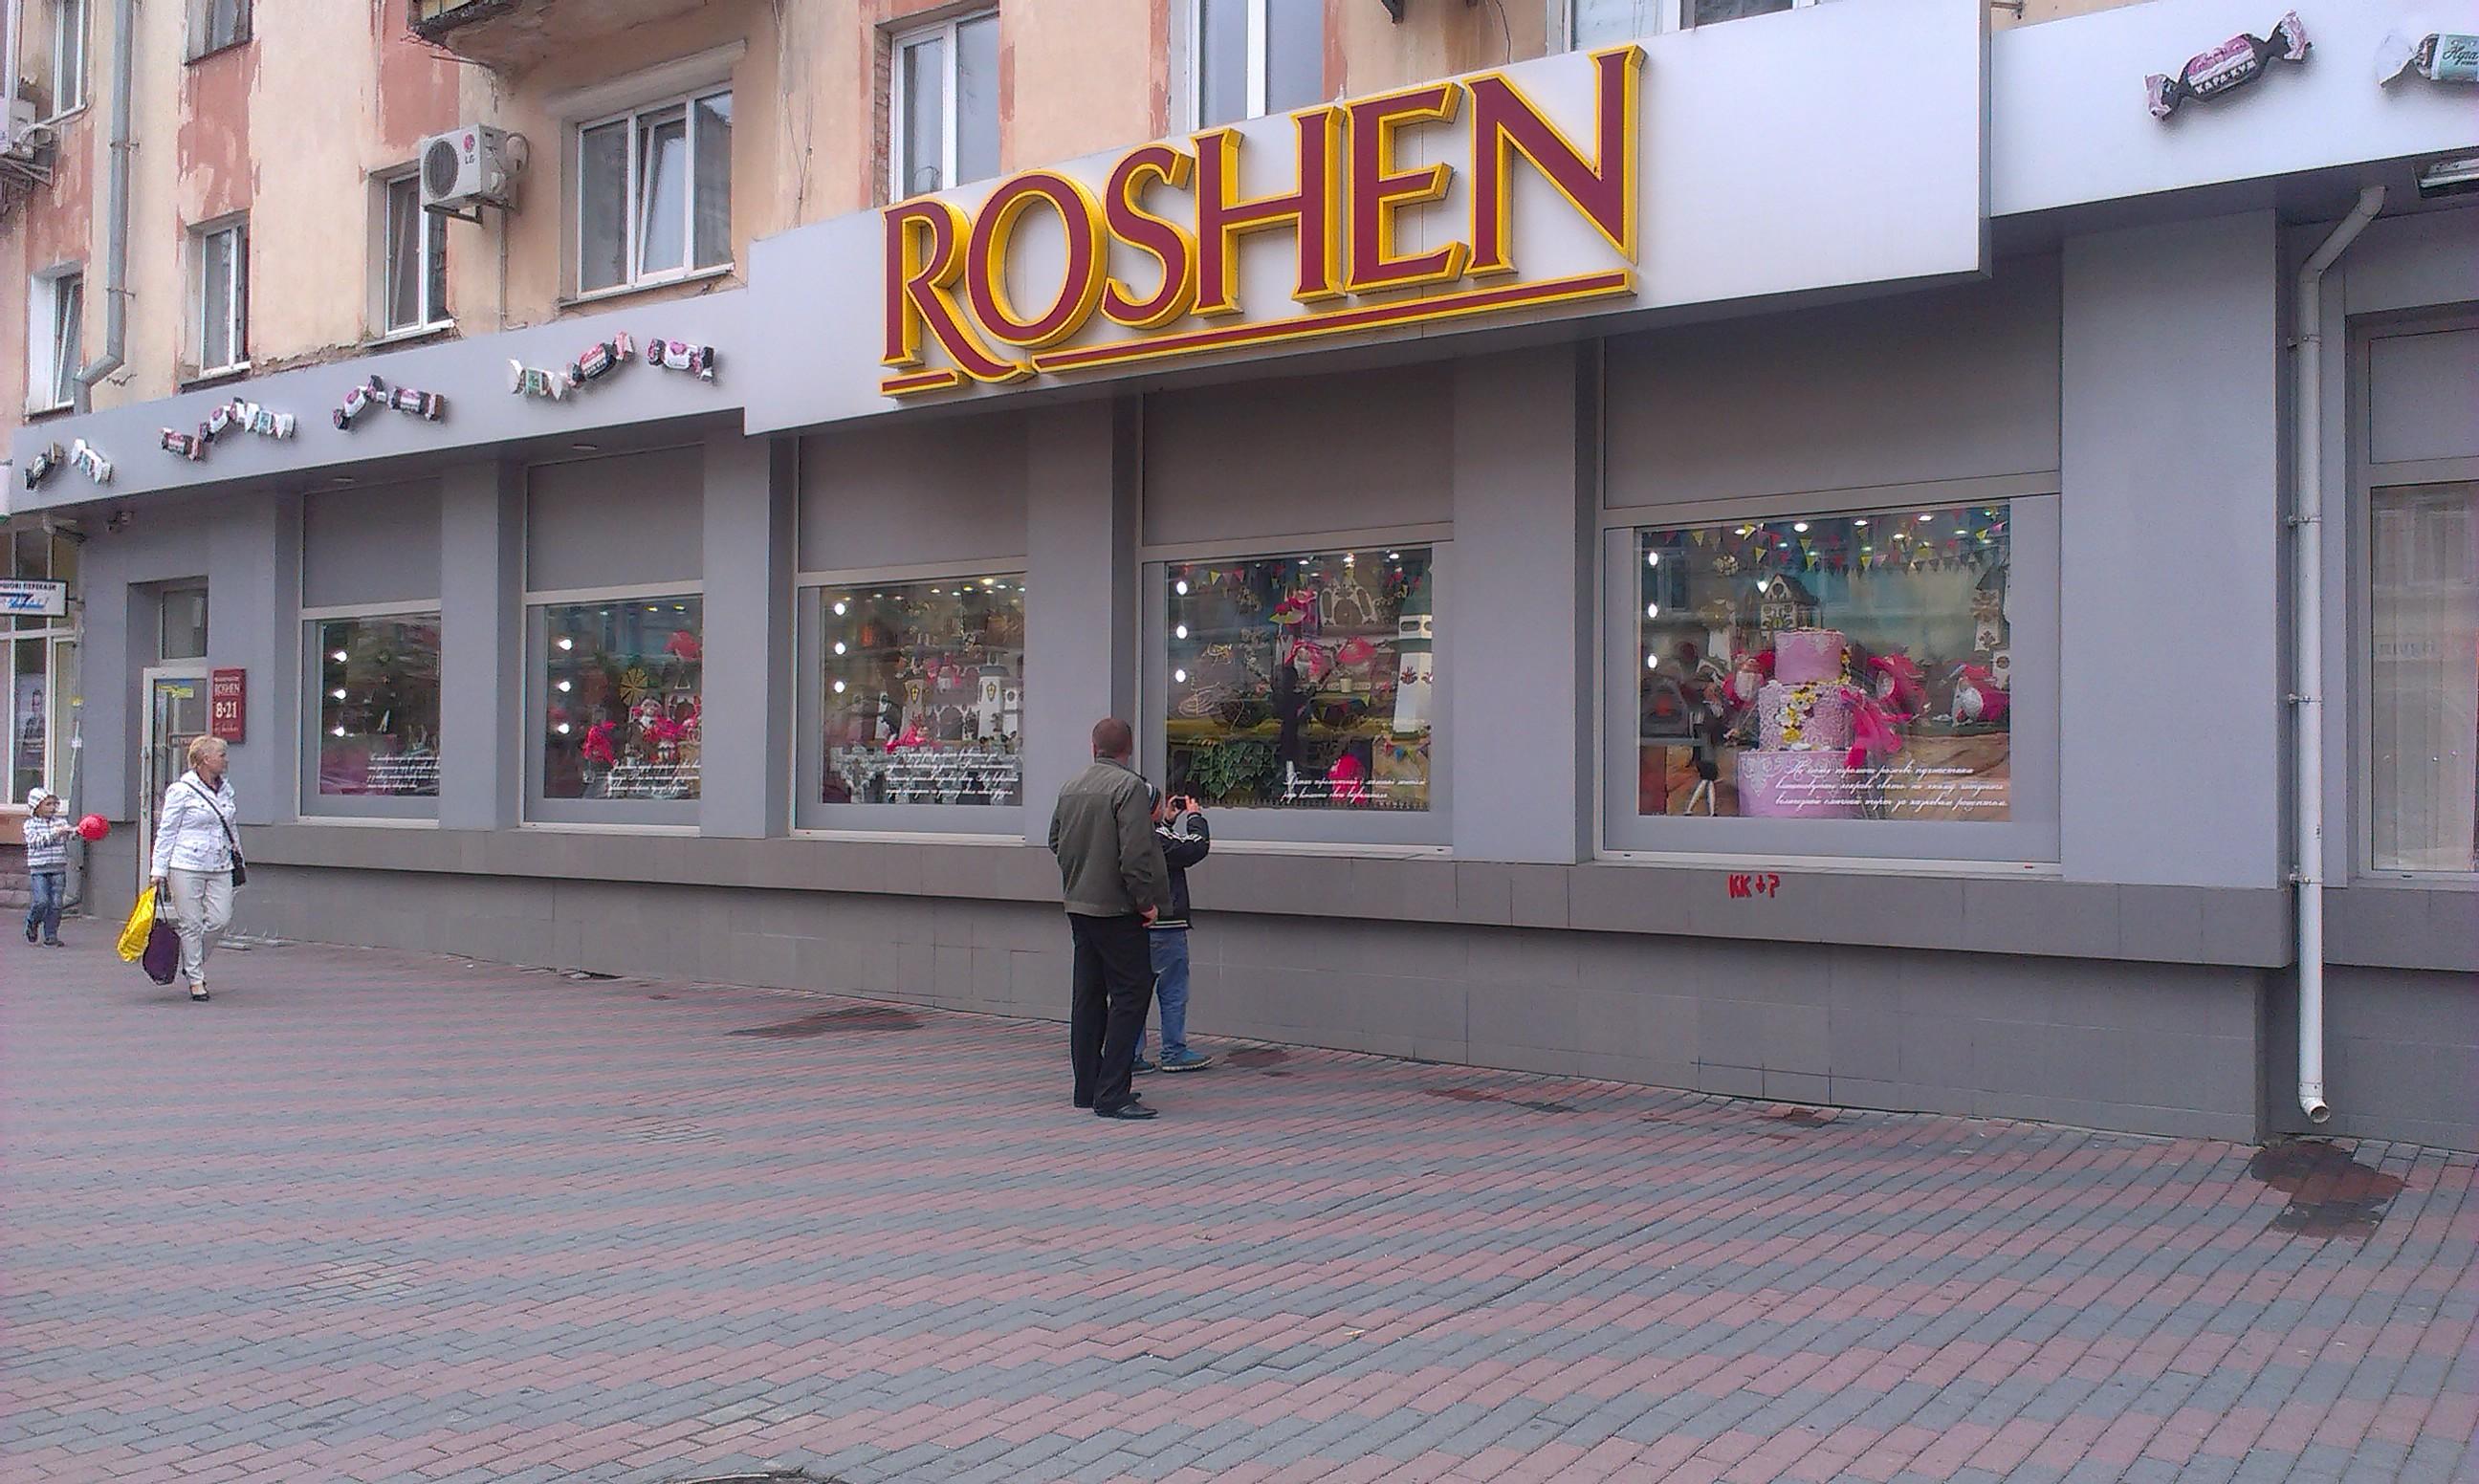 Roshen у Вінниці прикрасили новою інсталяцією. Космонавтів змінила фантазія (Фото+Відео)